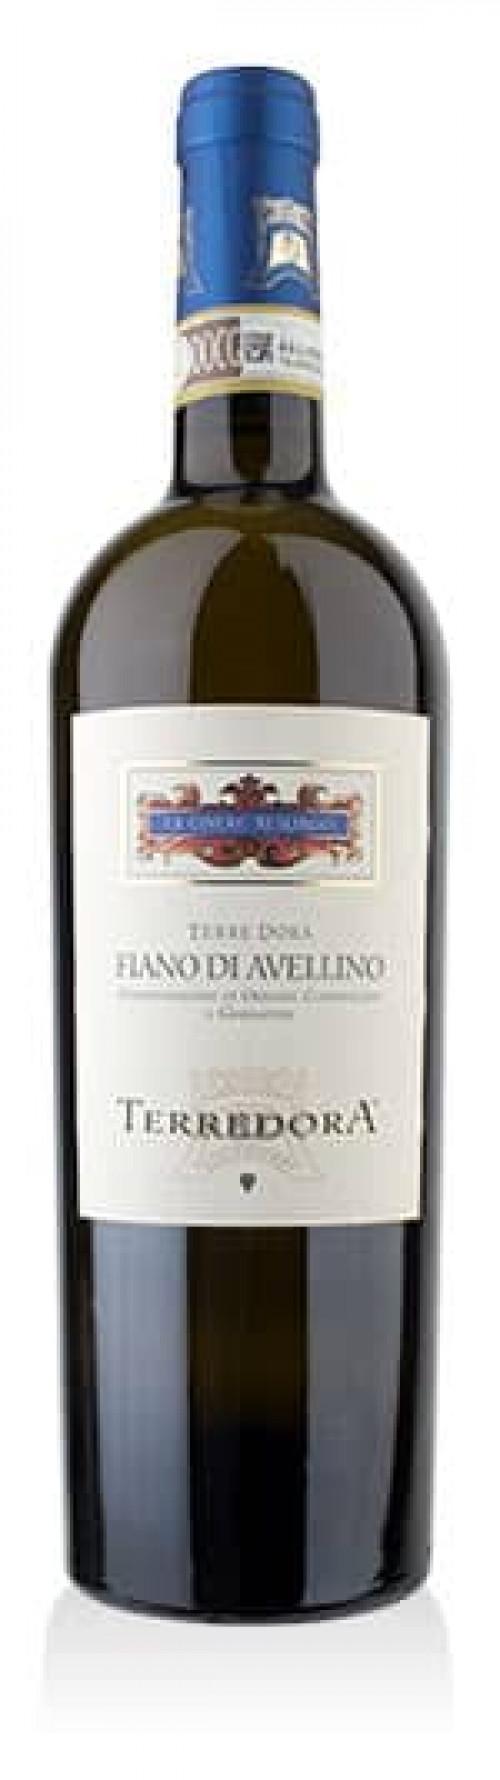 2018 Terredora Fiano Di Avellino 750ml